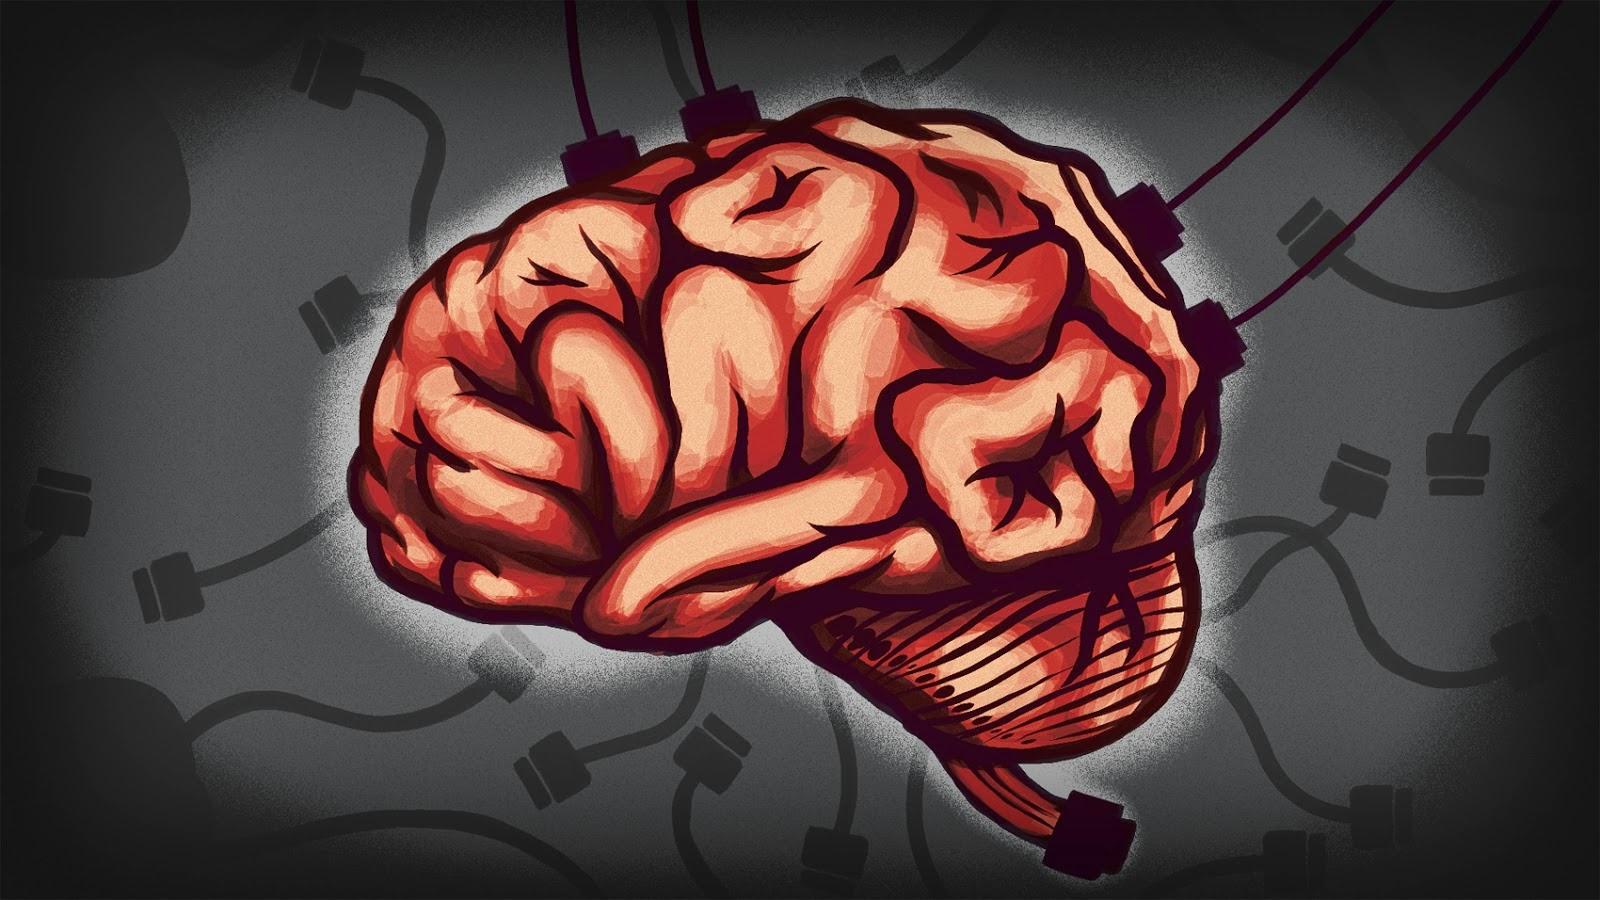 Cerebro conectado cables